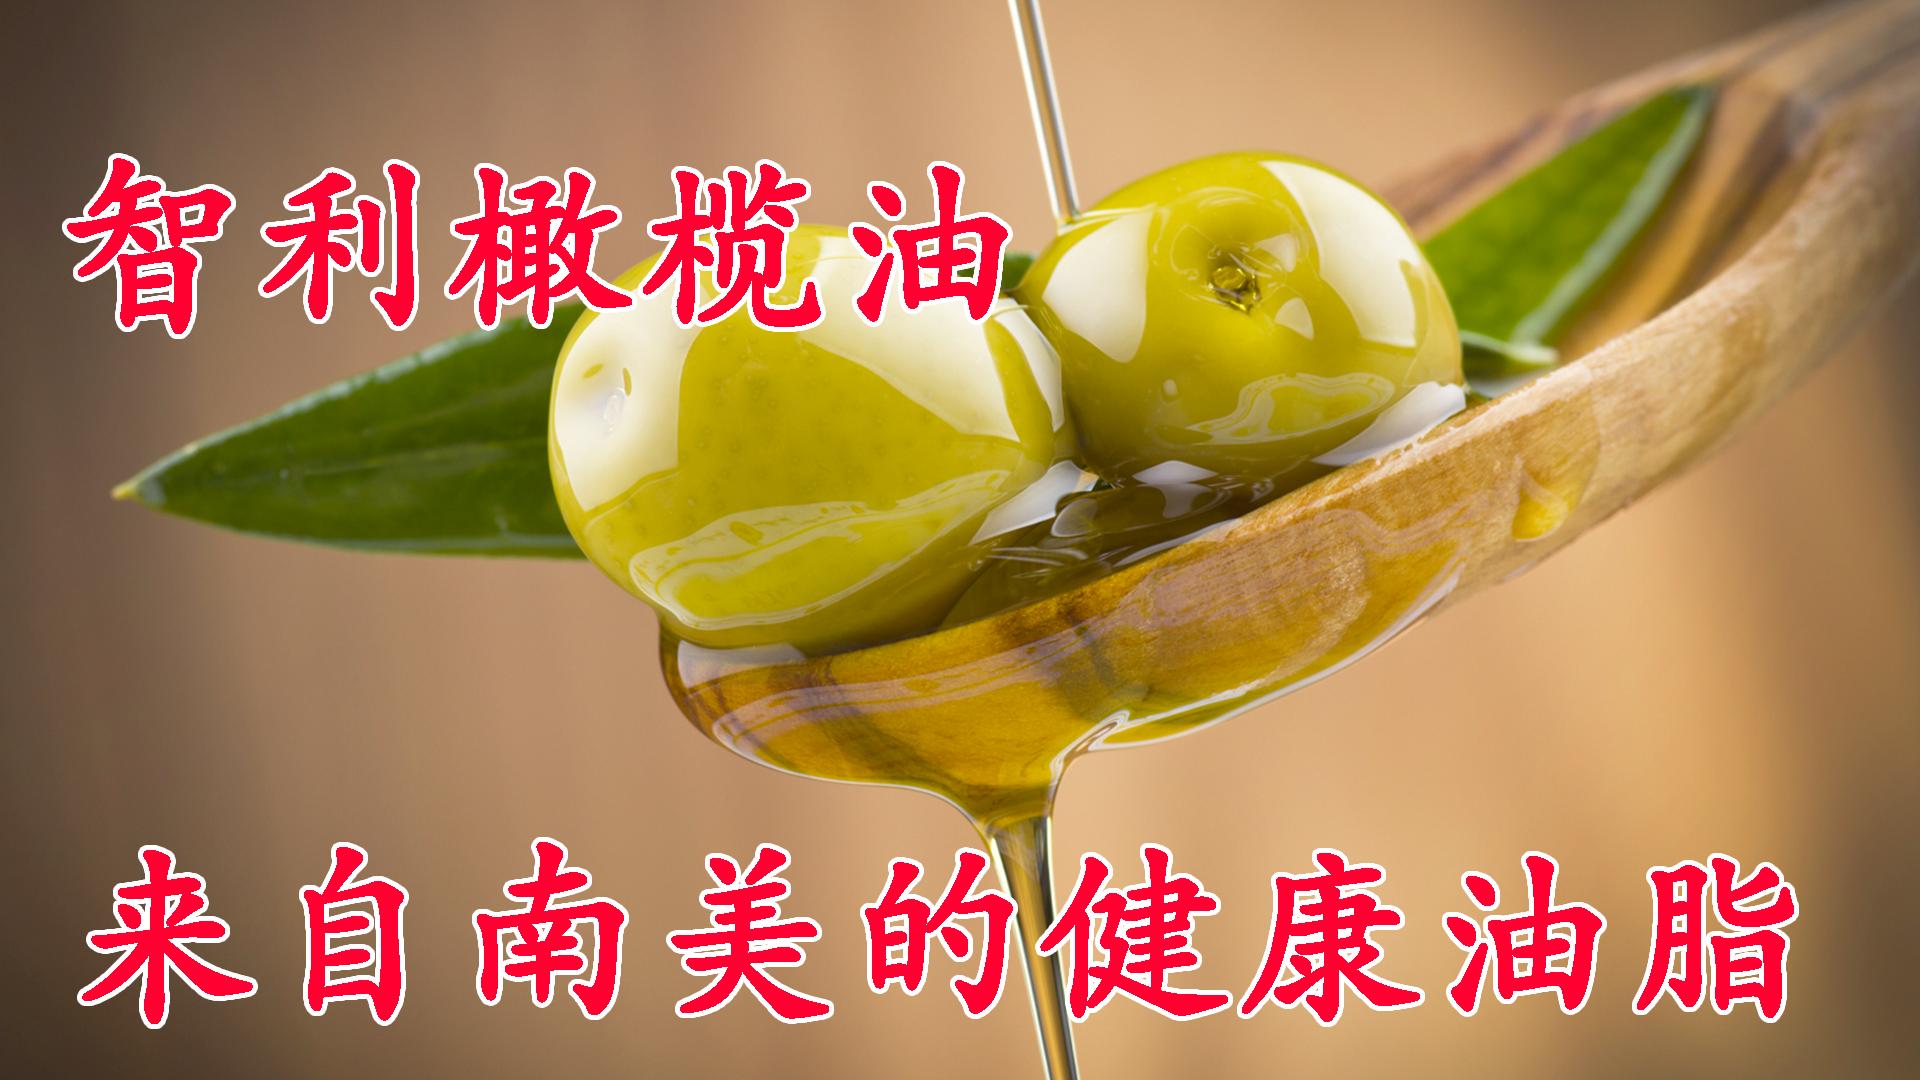 智利橄榄油,来自南美的健康油脂